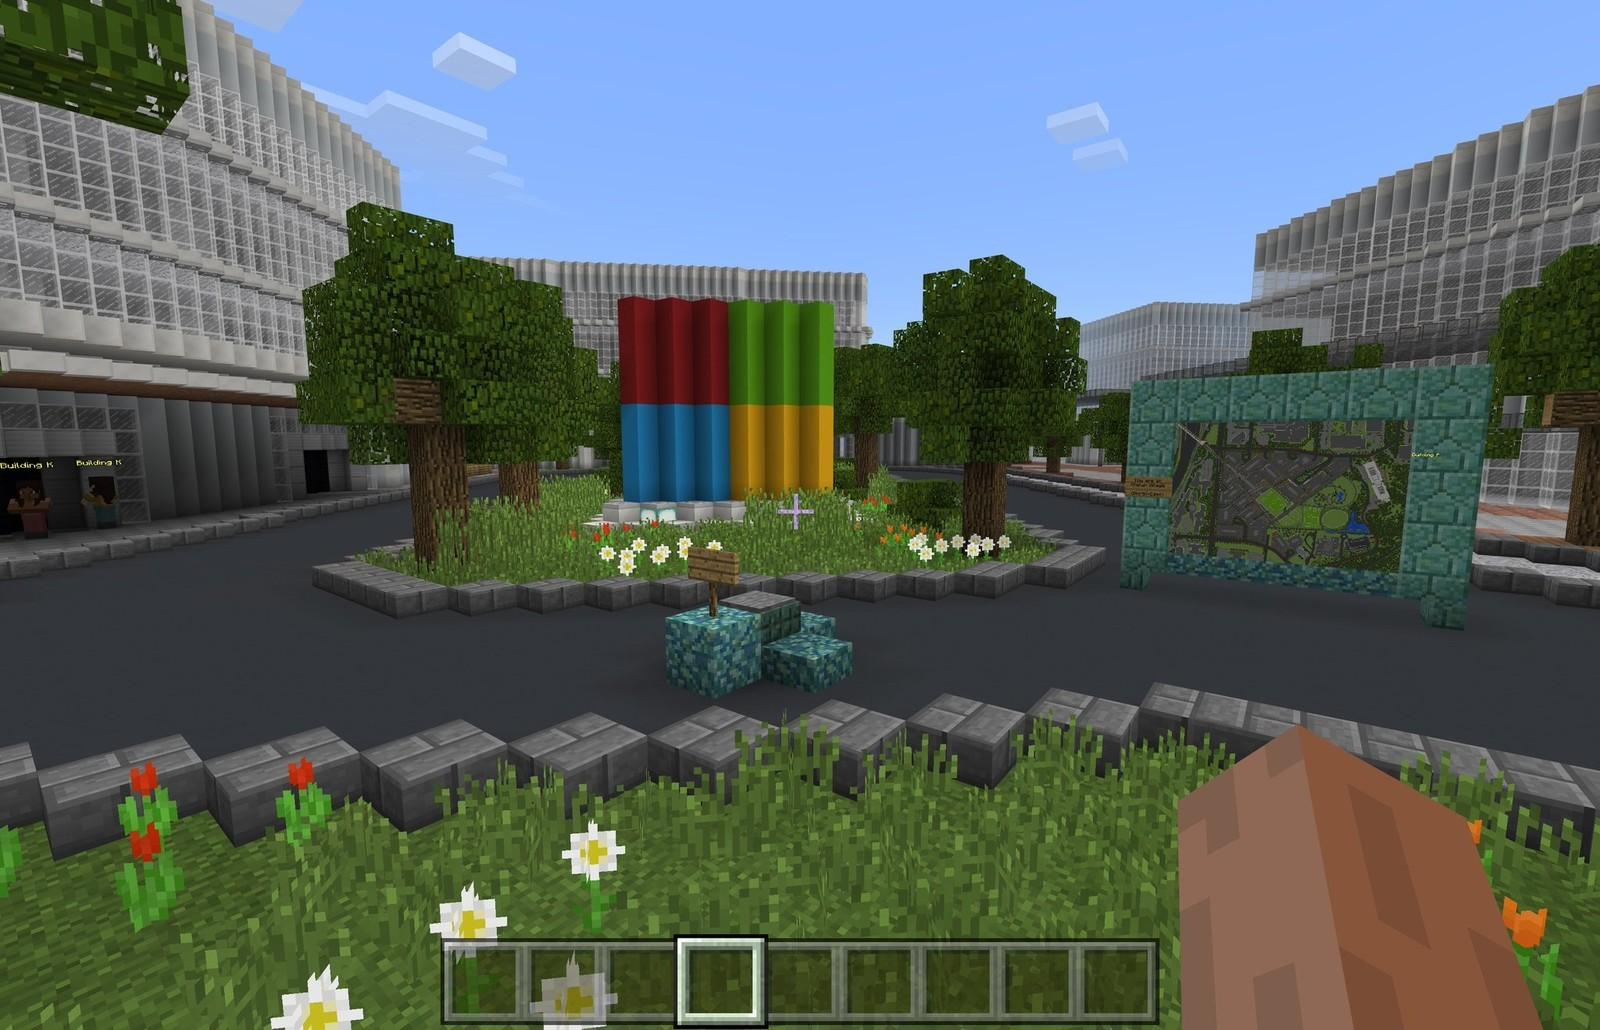 Microsoft заказала модель нового кампуса в Minecraft